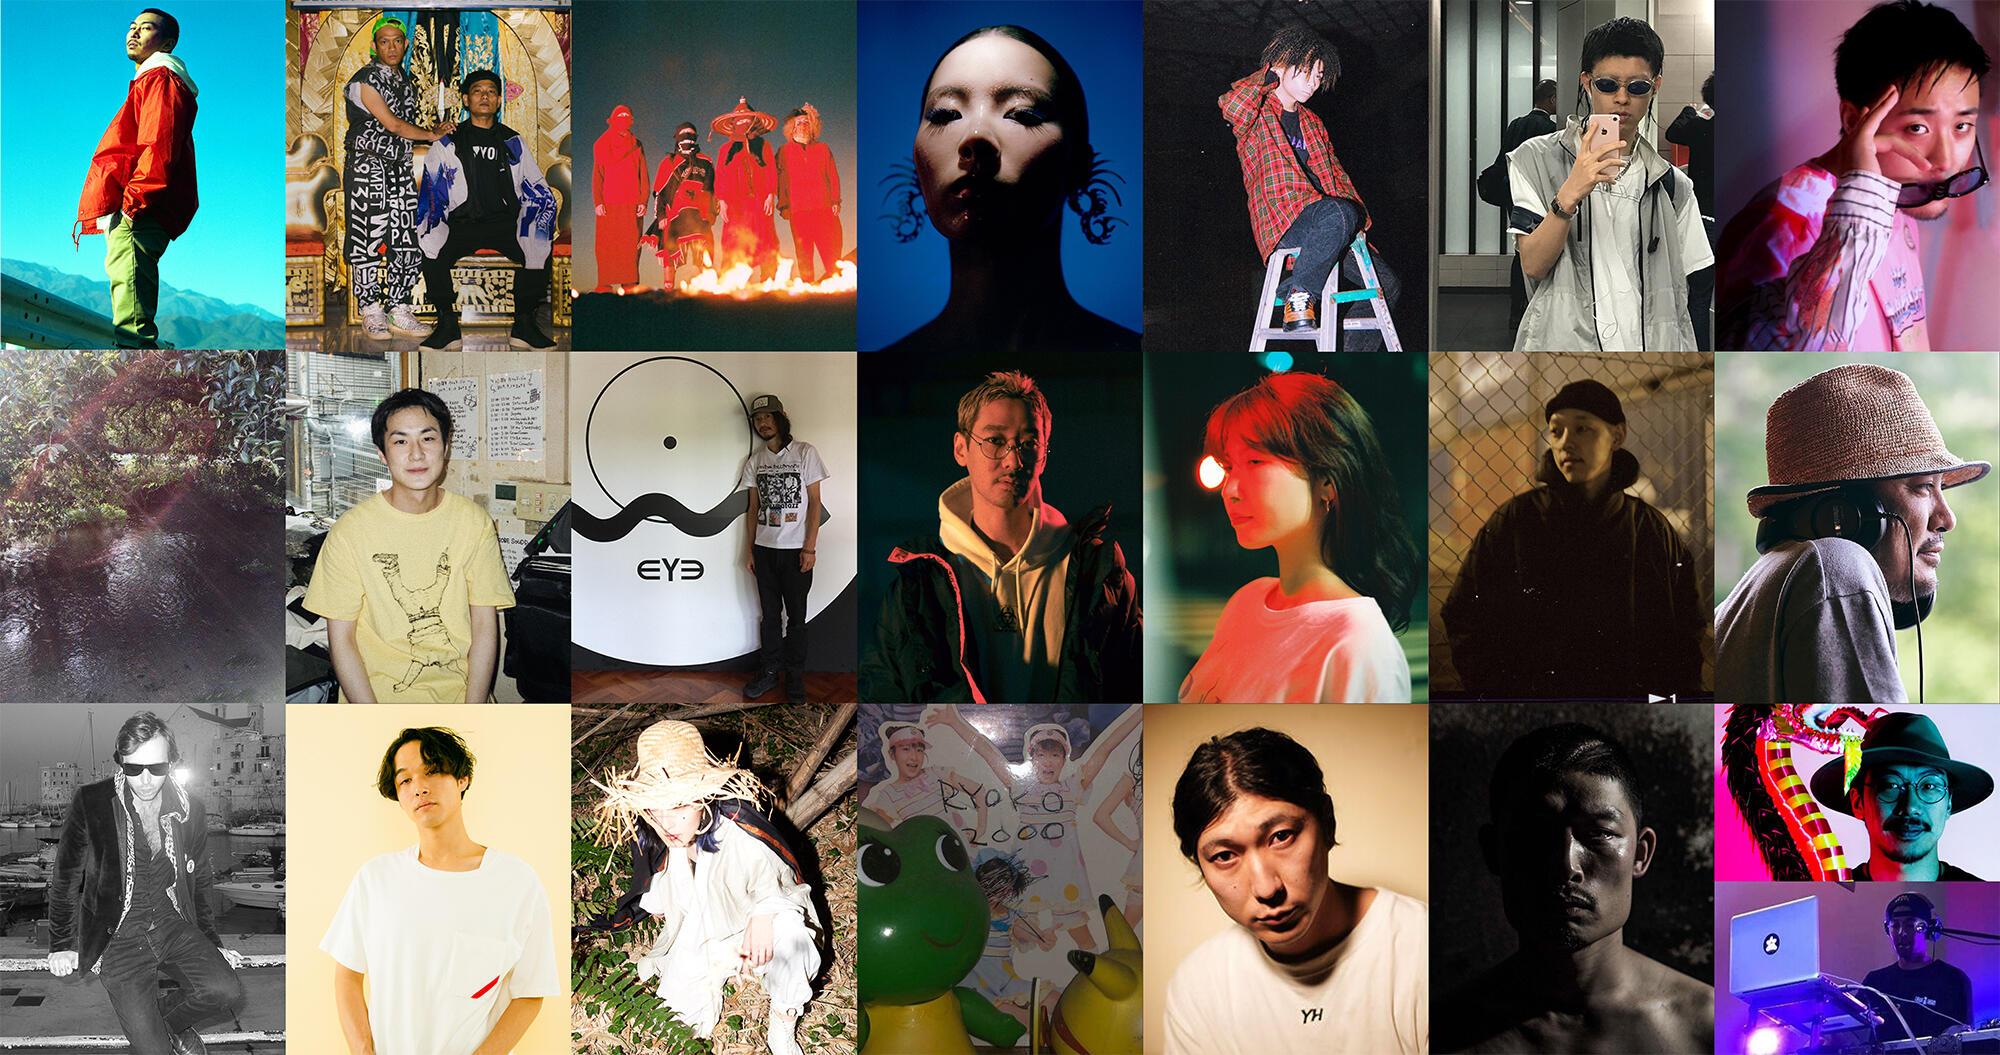 田我流 / Gabber Modus Operandi / GEZAN / Lim Kim / SANTAWORLDVIEW / Tohji / VaVa  / 悪魔の沼 / Aspara / ∈Y∋ / KM / Mari Sakurai / Mars89 / MOODMAN / Mr. Ties / okadada / suimin / リョウコ2000 / Yoshinori Hayashi / ¥ØU$UK€ ¥UK1MAT$U / YOUNG-G、MMM